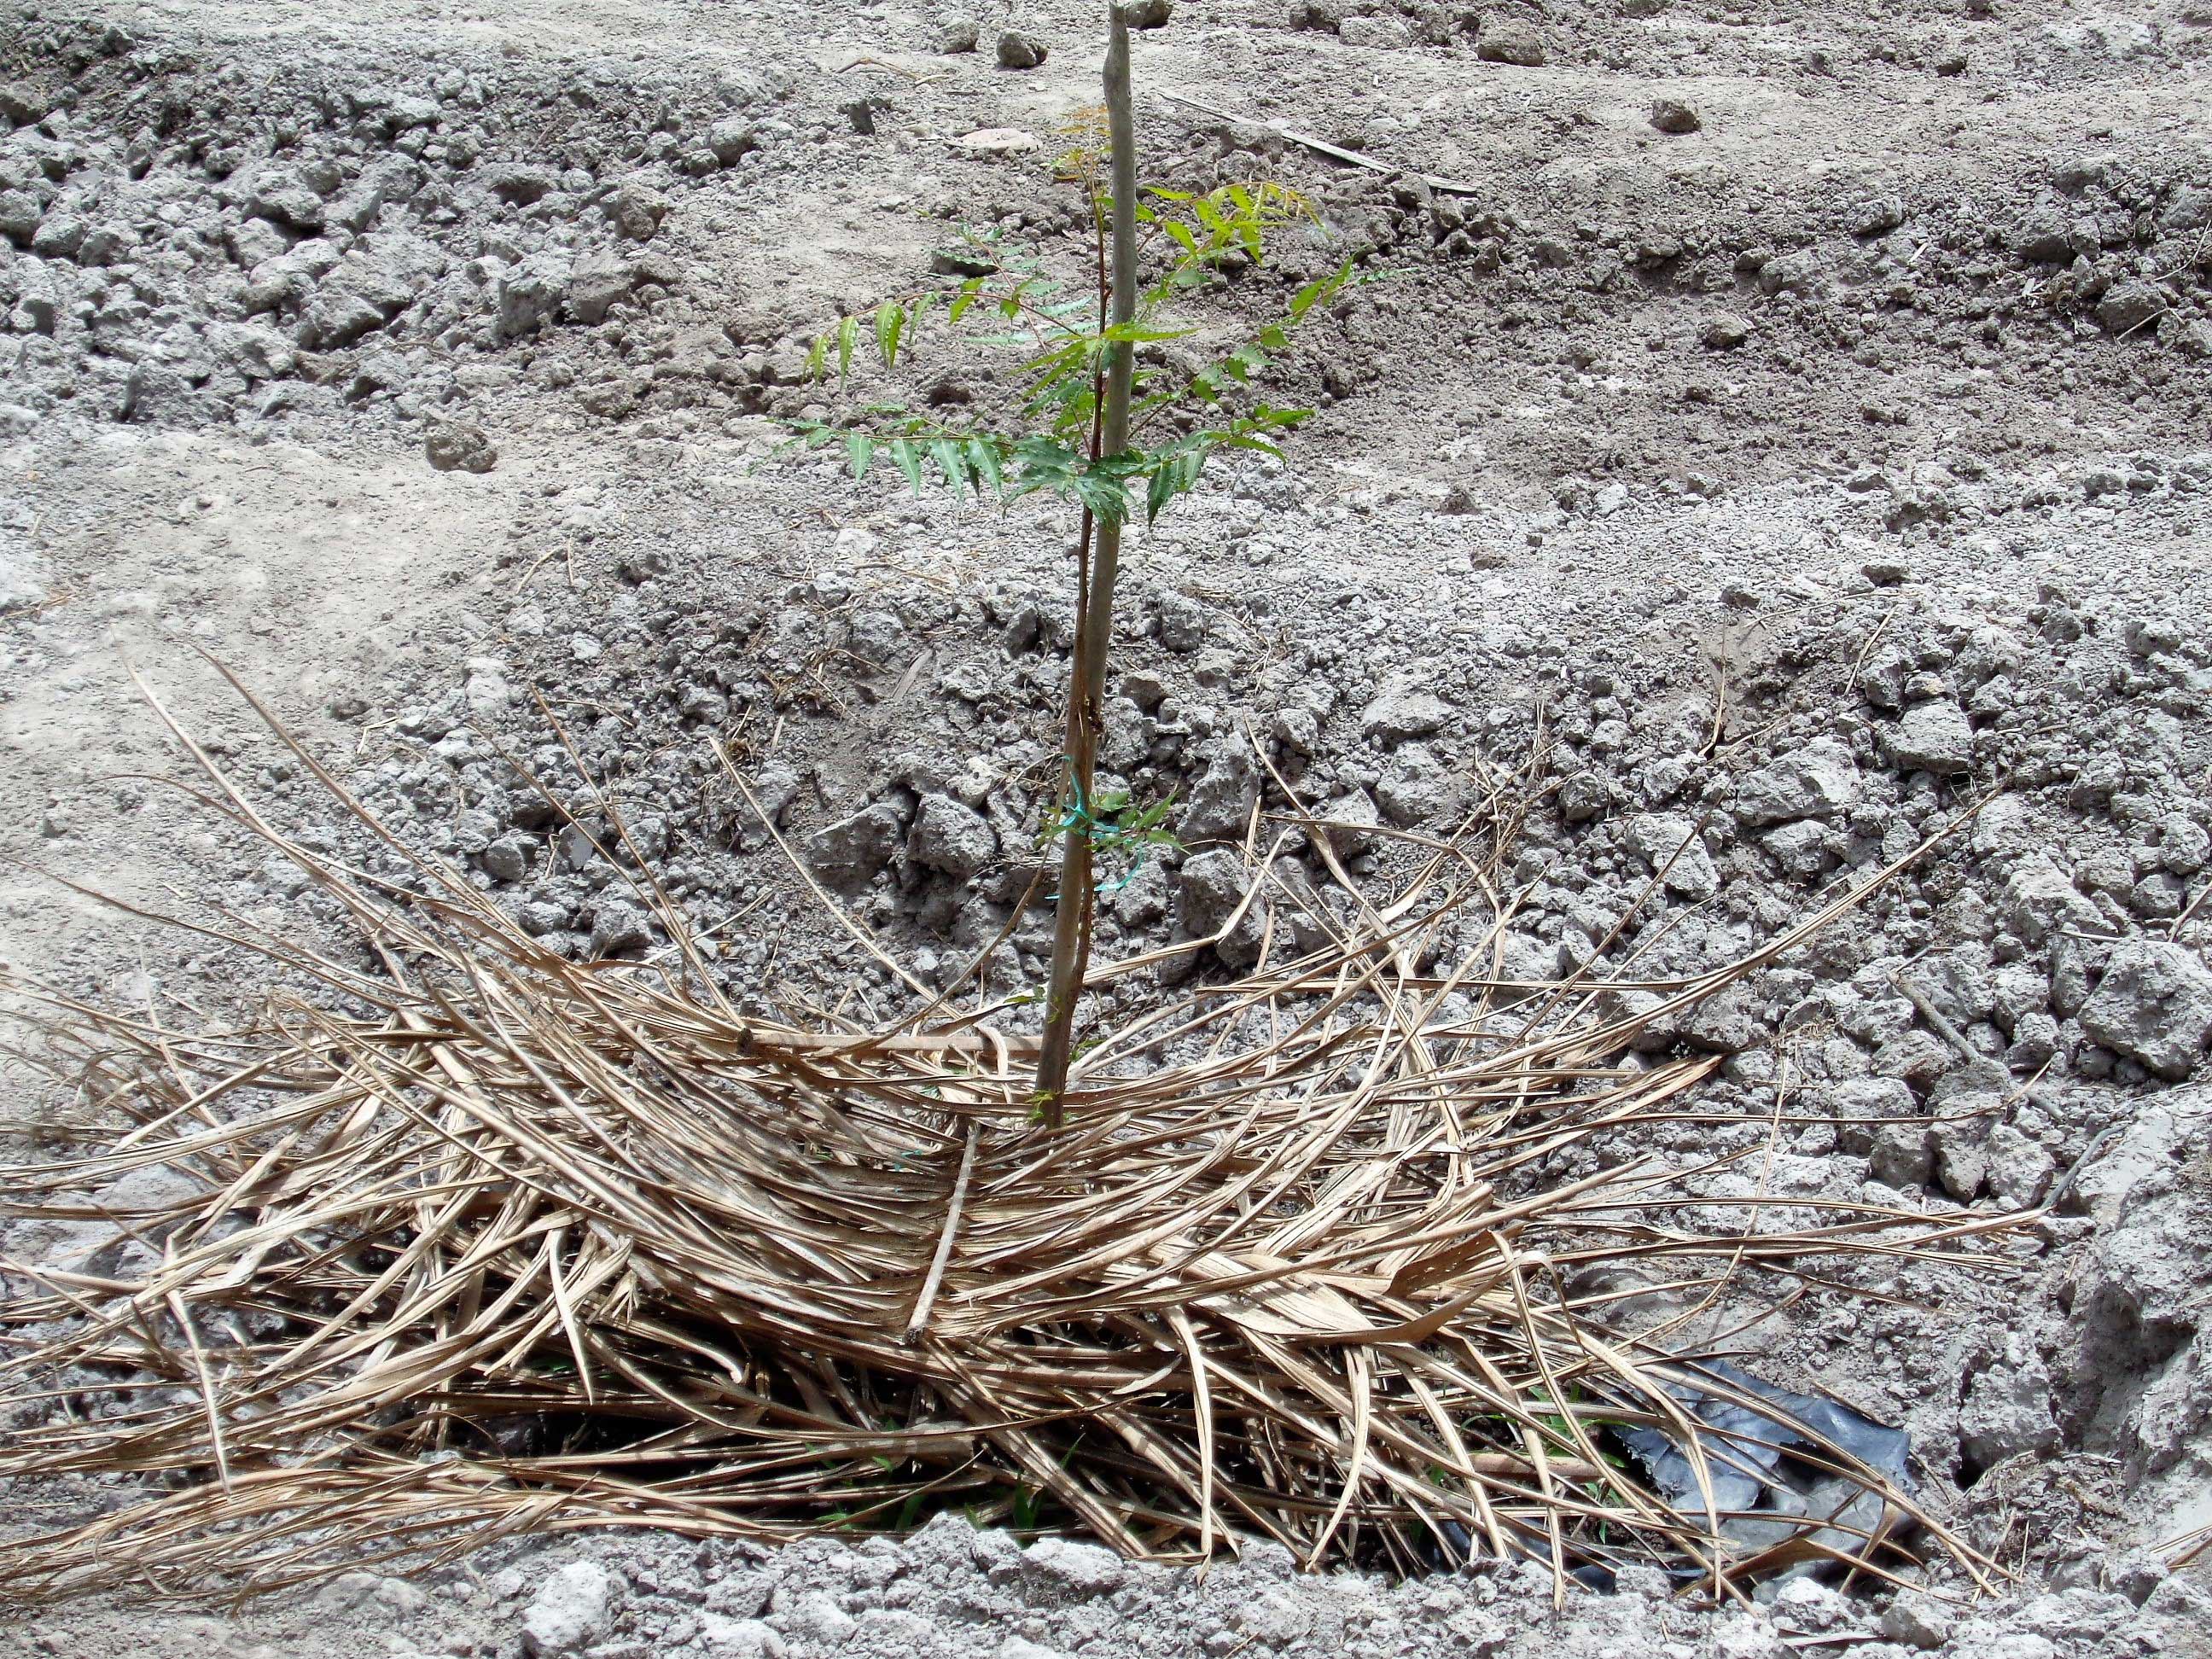 pianta-di-neem-nell'orto_2329_mani_tese_2017